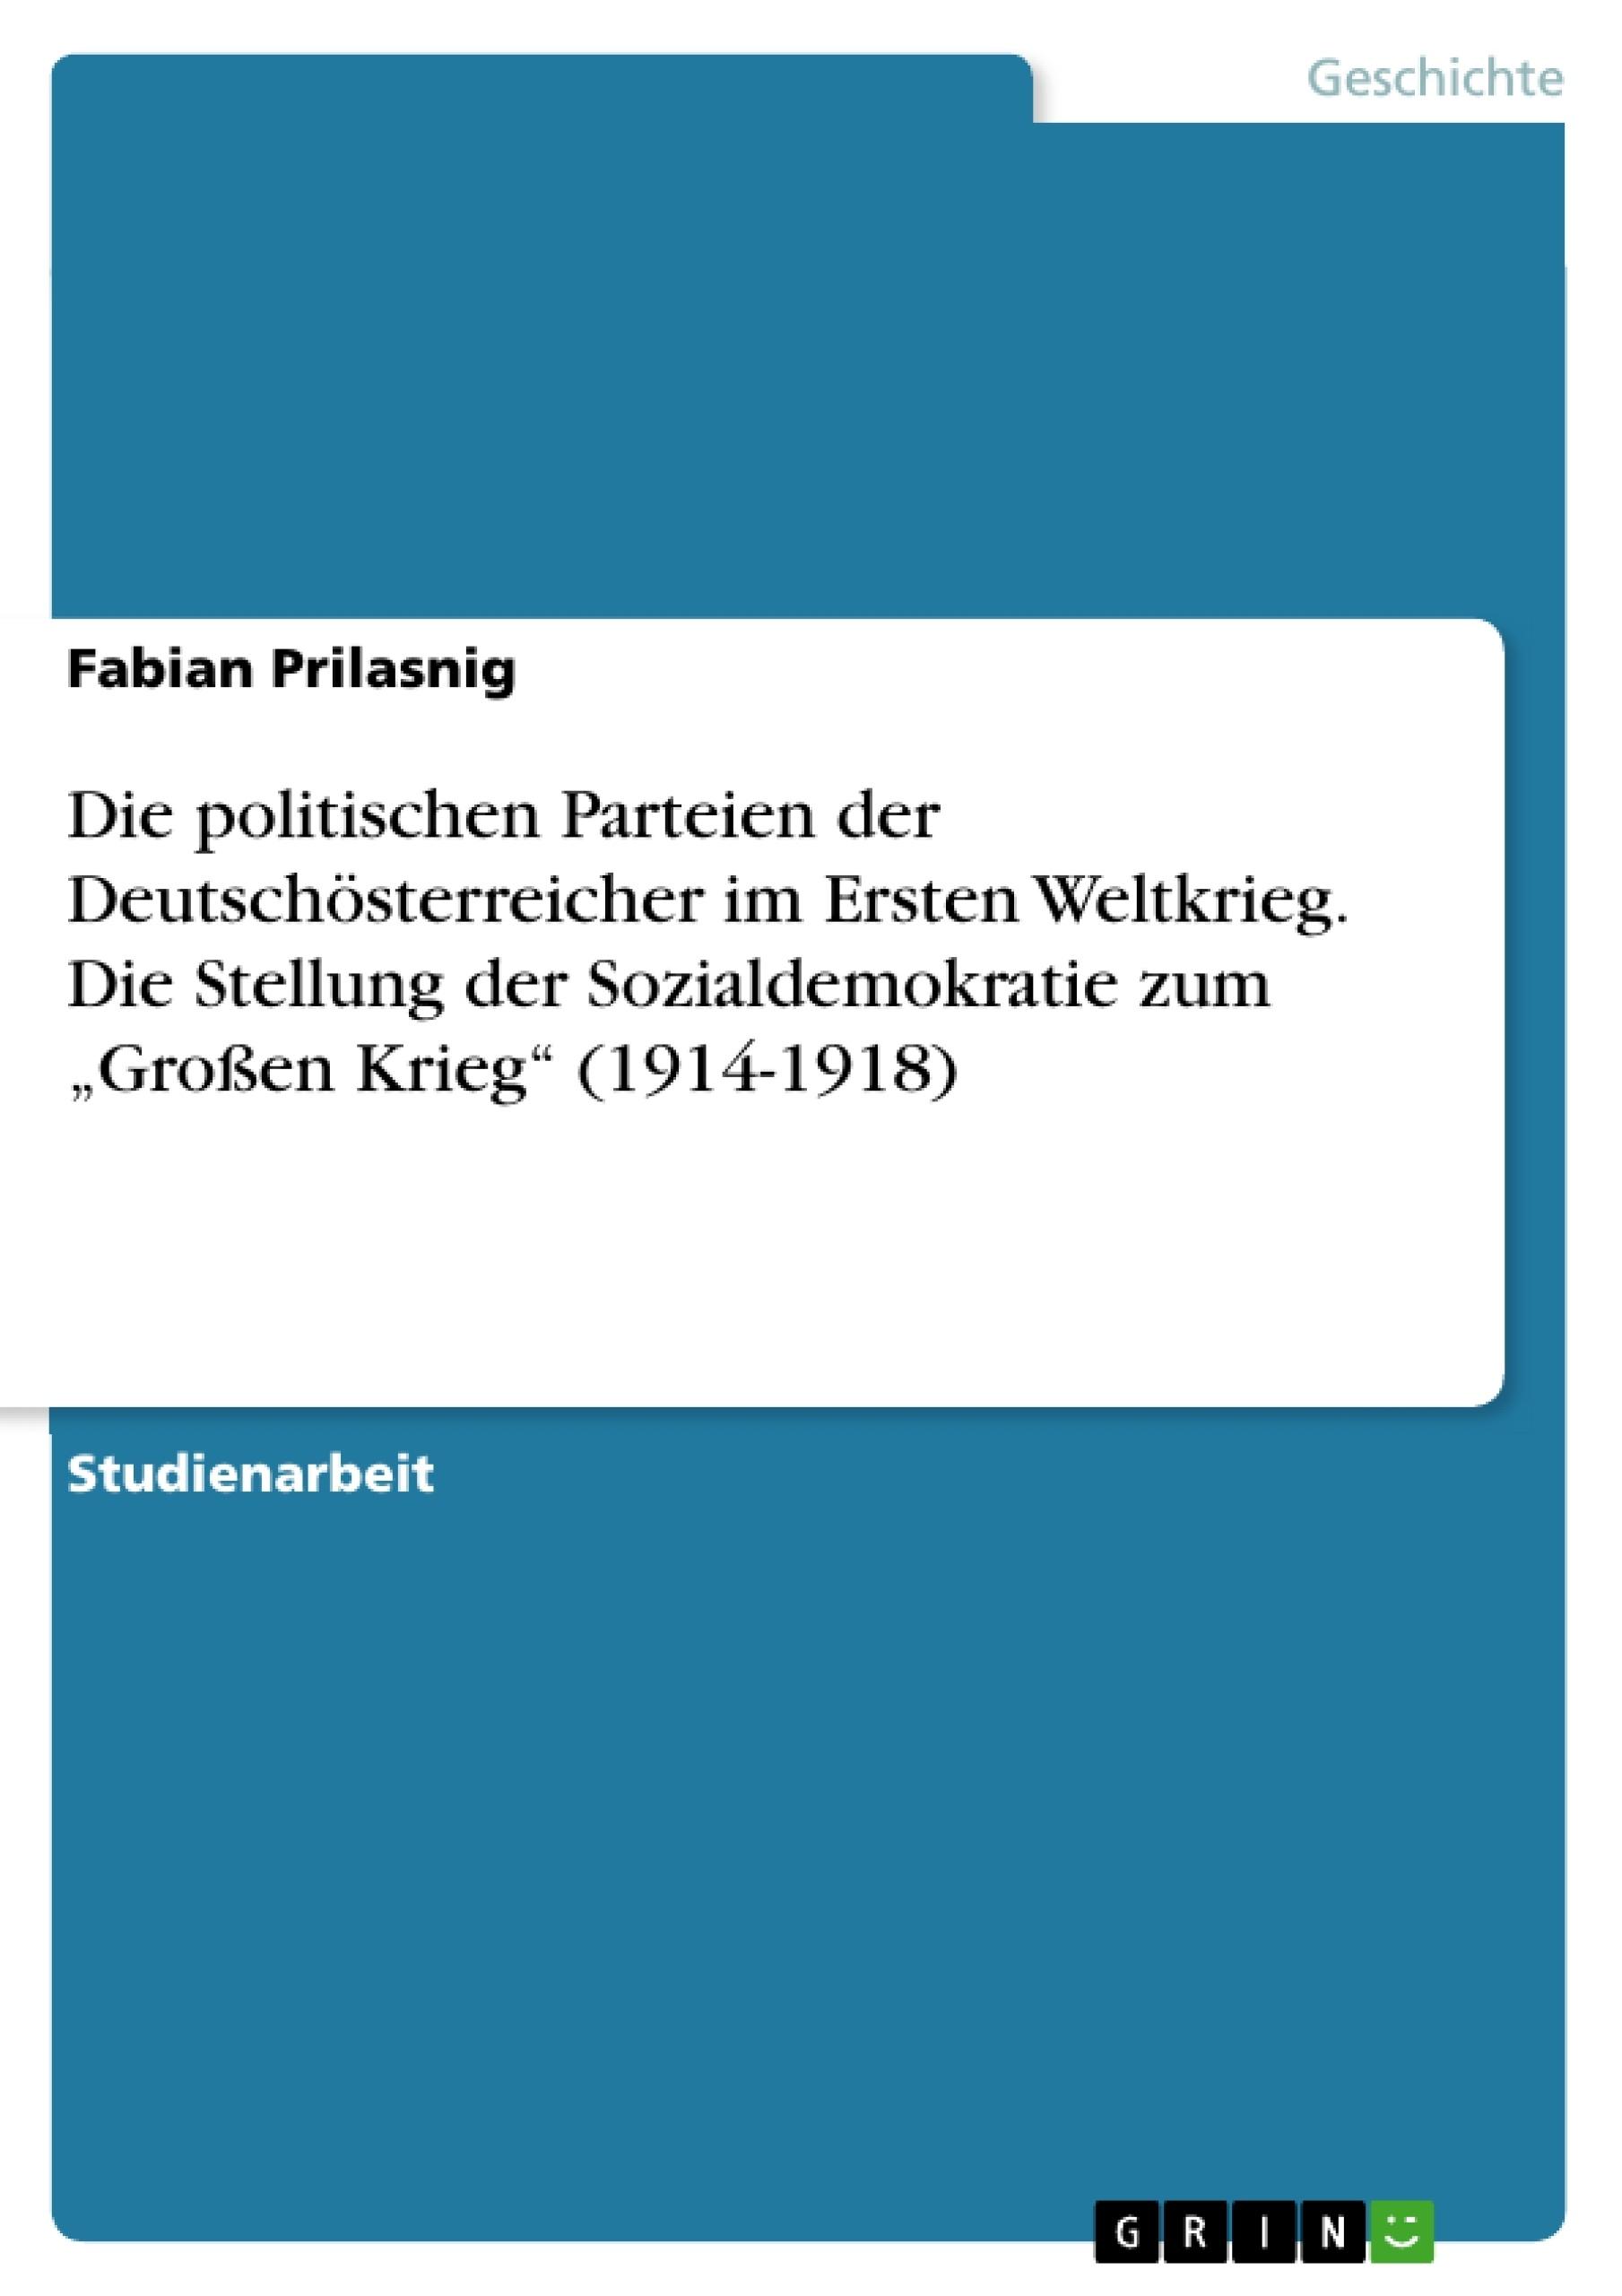 """Titel: Die politischen Parteien der Deutschösterreicher im Ersten Weltkrieg. Die Stellung der Sozialdemokratie zum """"Großen Krieg"""" (1914-1918)"""